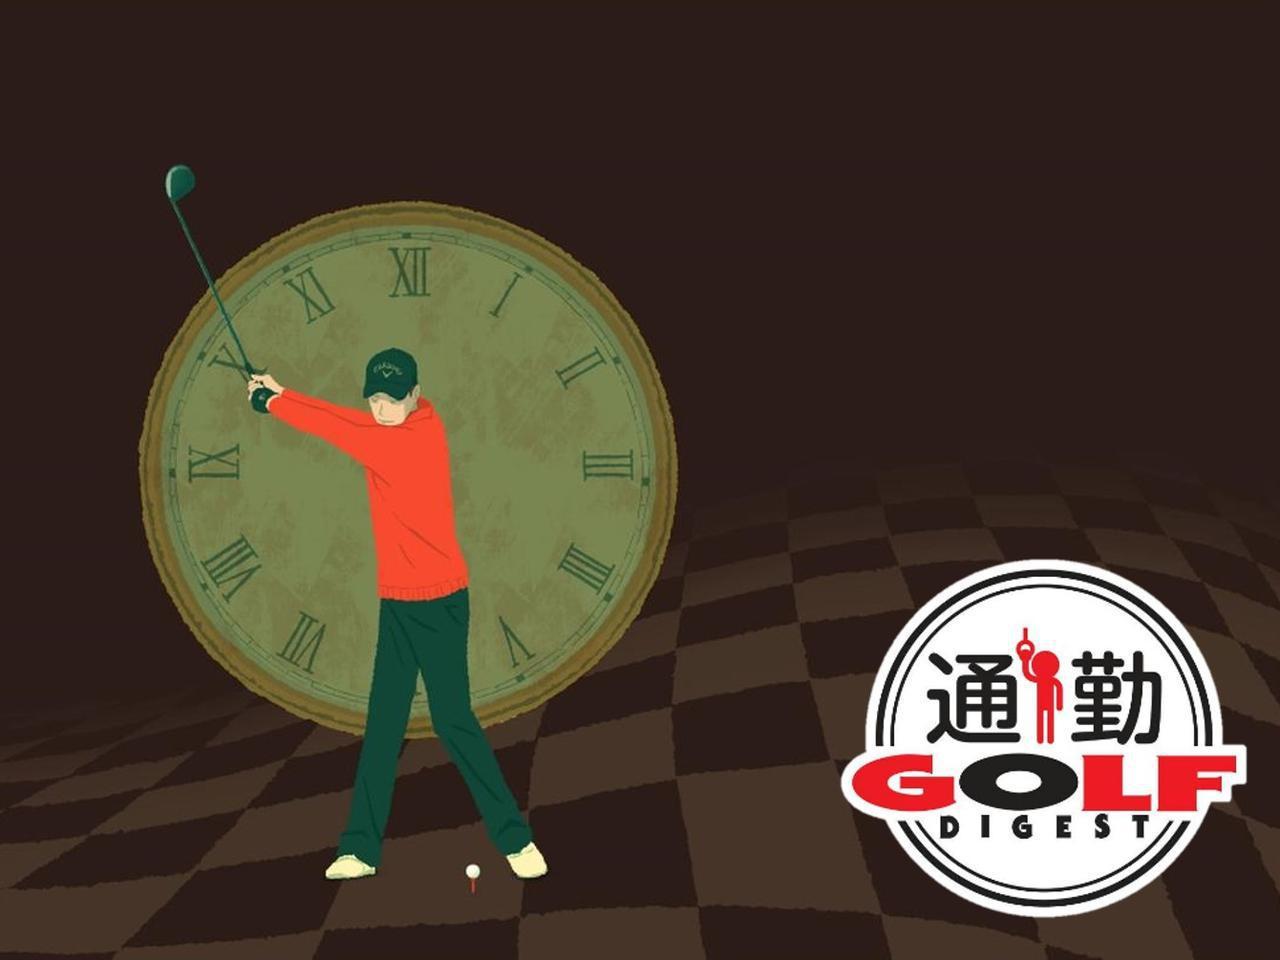 画像: 【通勤GD】Dr.クォンの反力打法 Vol.48 ドラコン界のレジェンドは究極の反力スウィンガー ゴルフダイジェストWEB - ゴルフへ行こうWEB by ゴルフダイジェスト